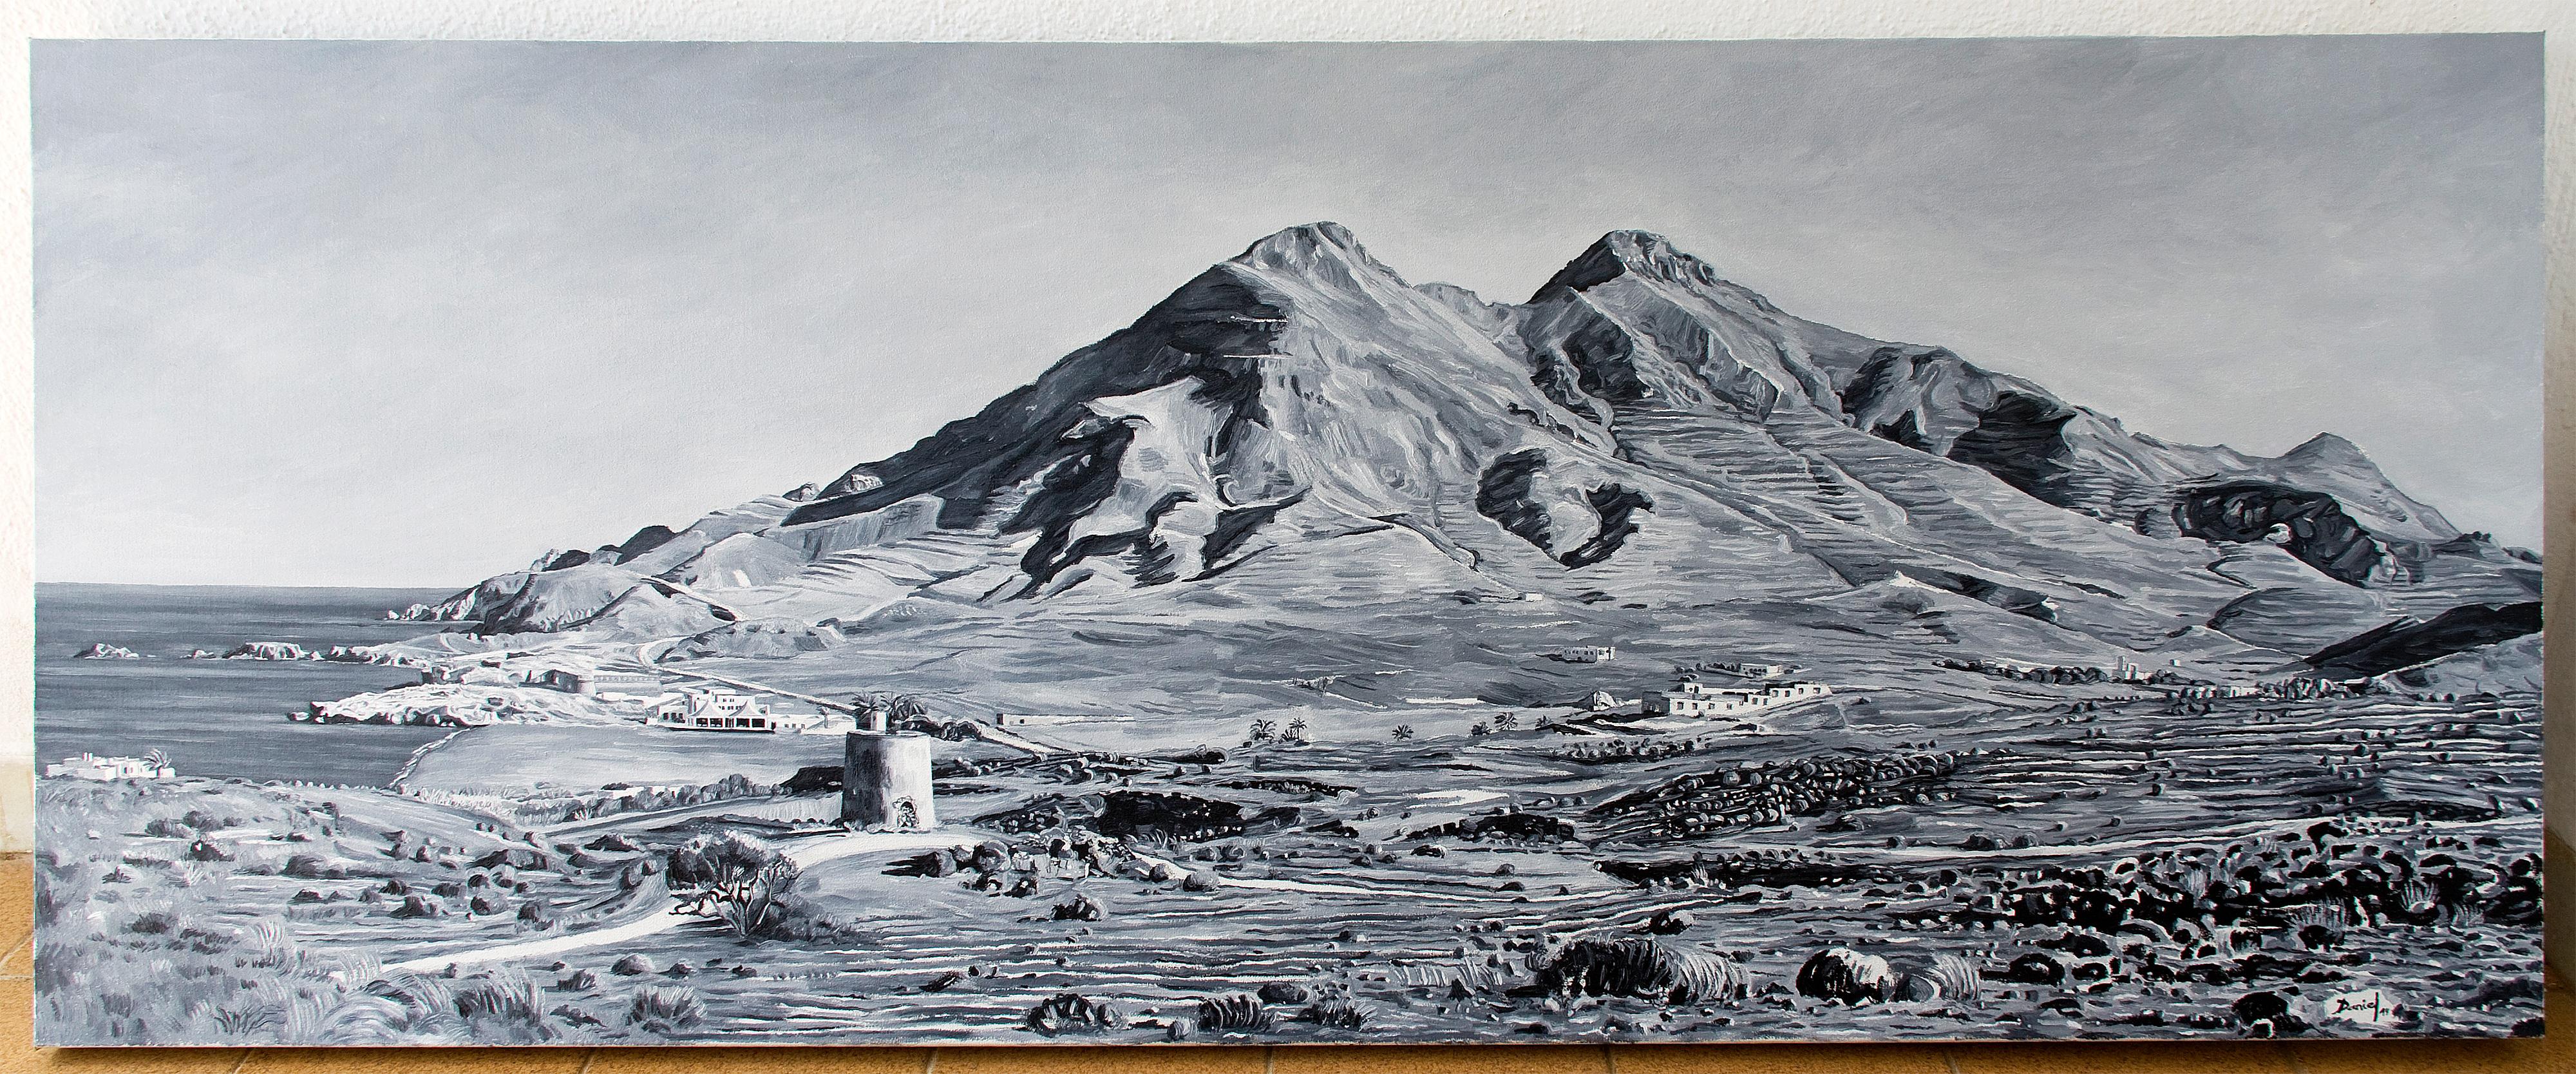 Los Escullos de Cabo de Gata